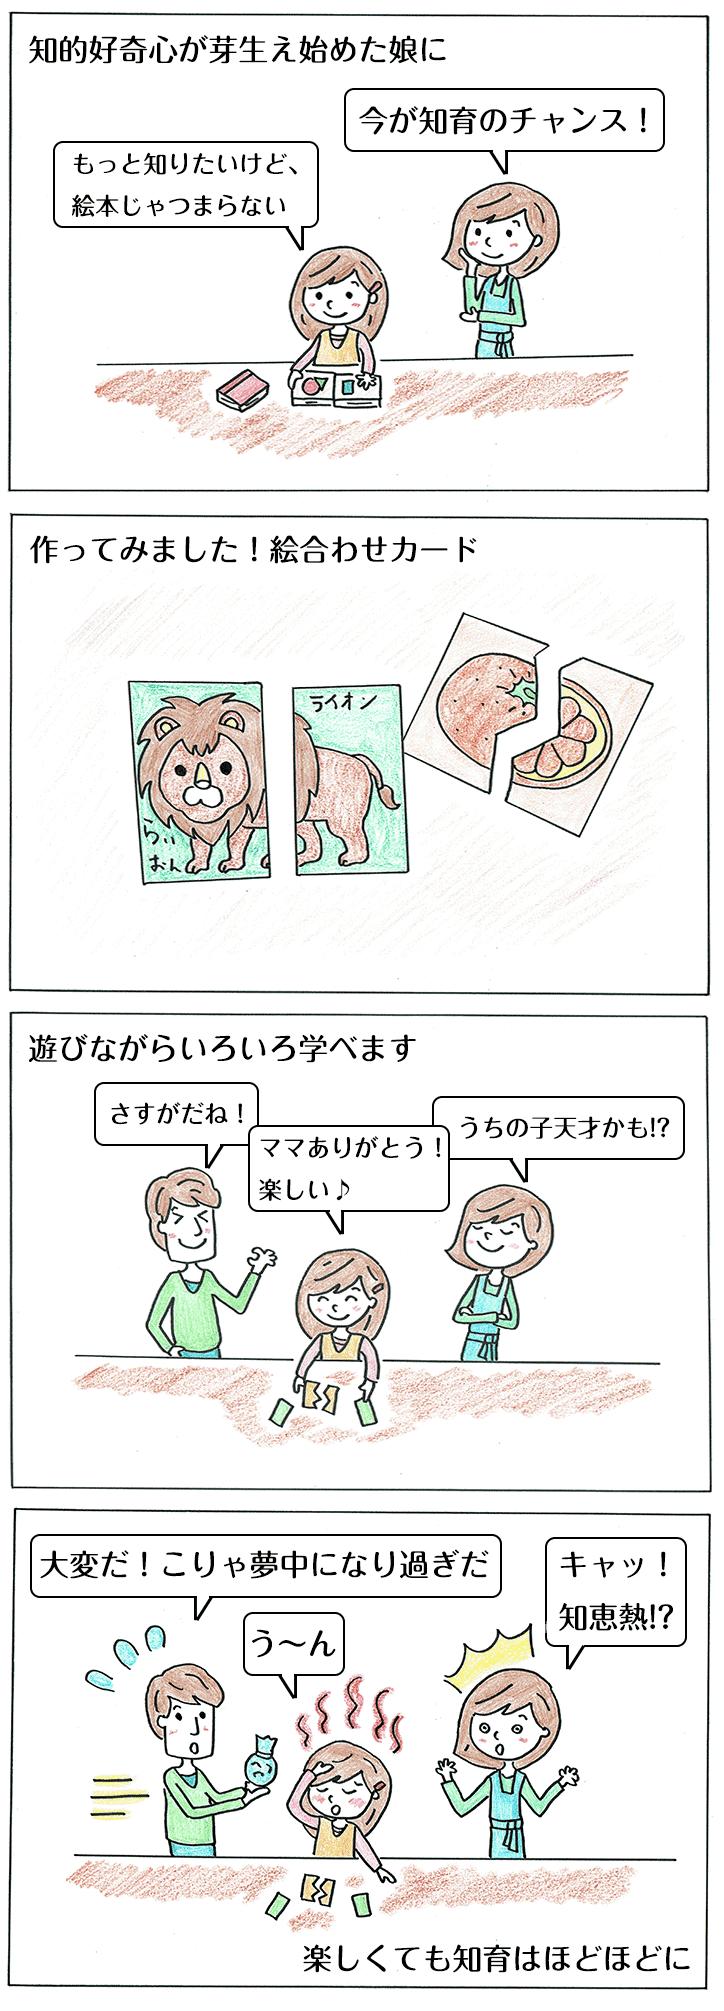 絵合わせカードの子育て4コマ漫画